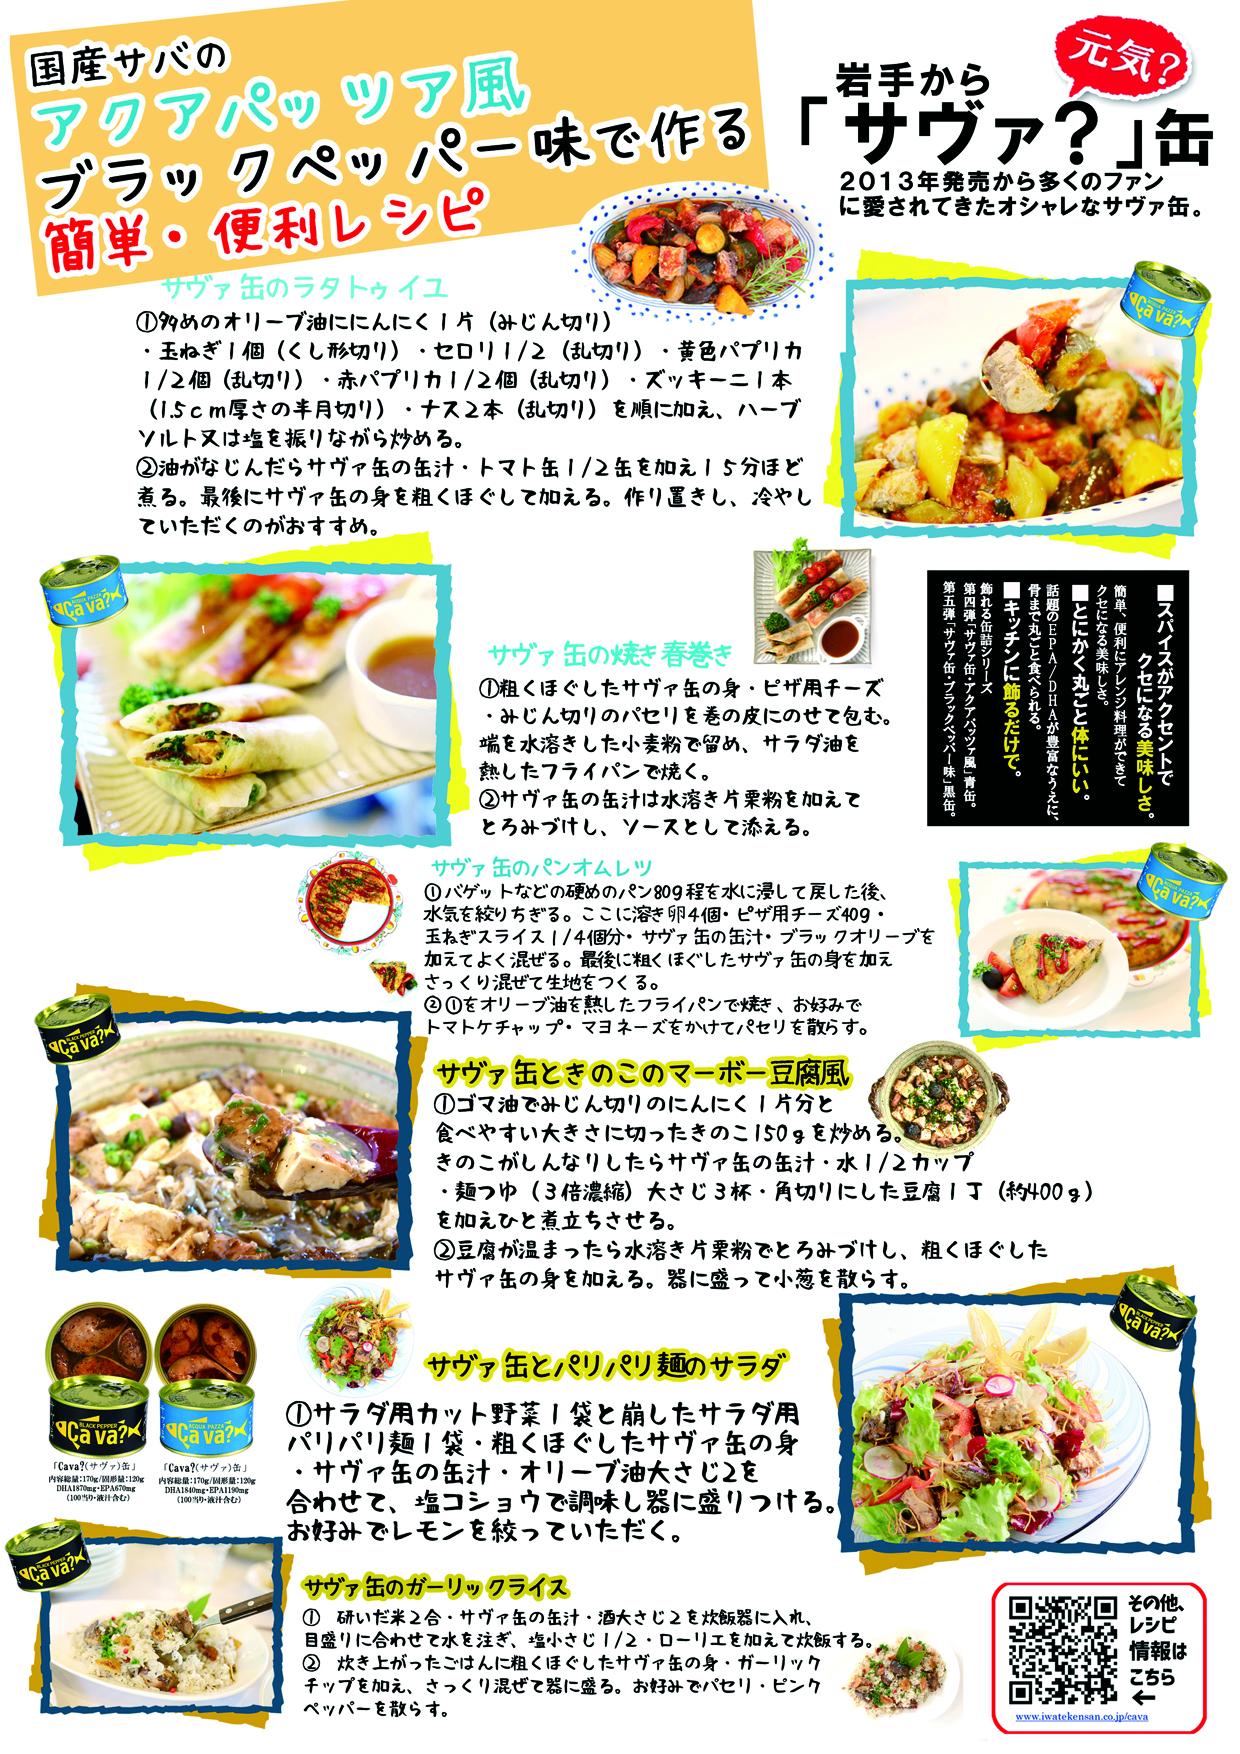 [岩手]サヴァ缶 国産サバのパプリカチリソース味の商品画像 (3)